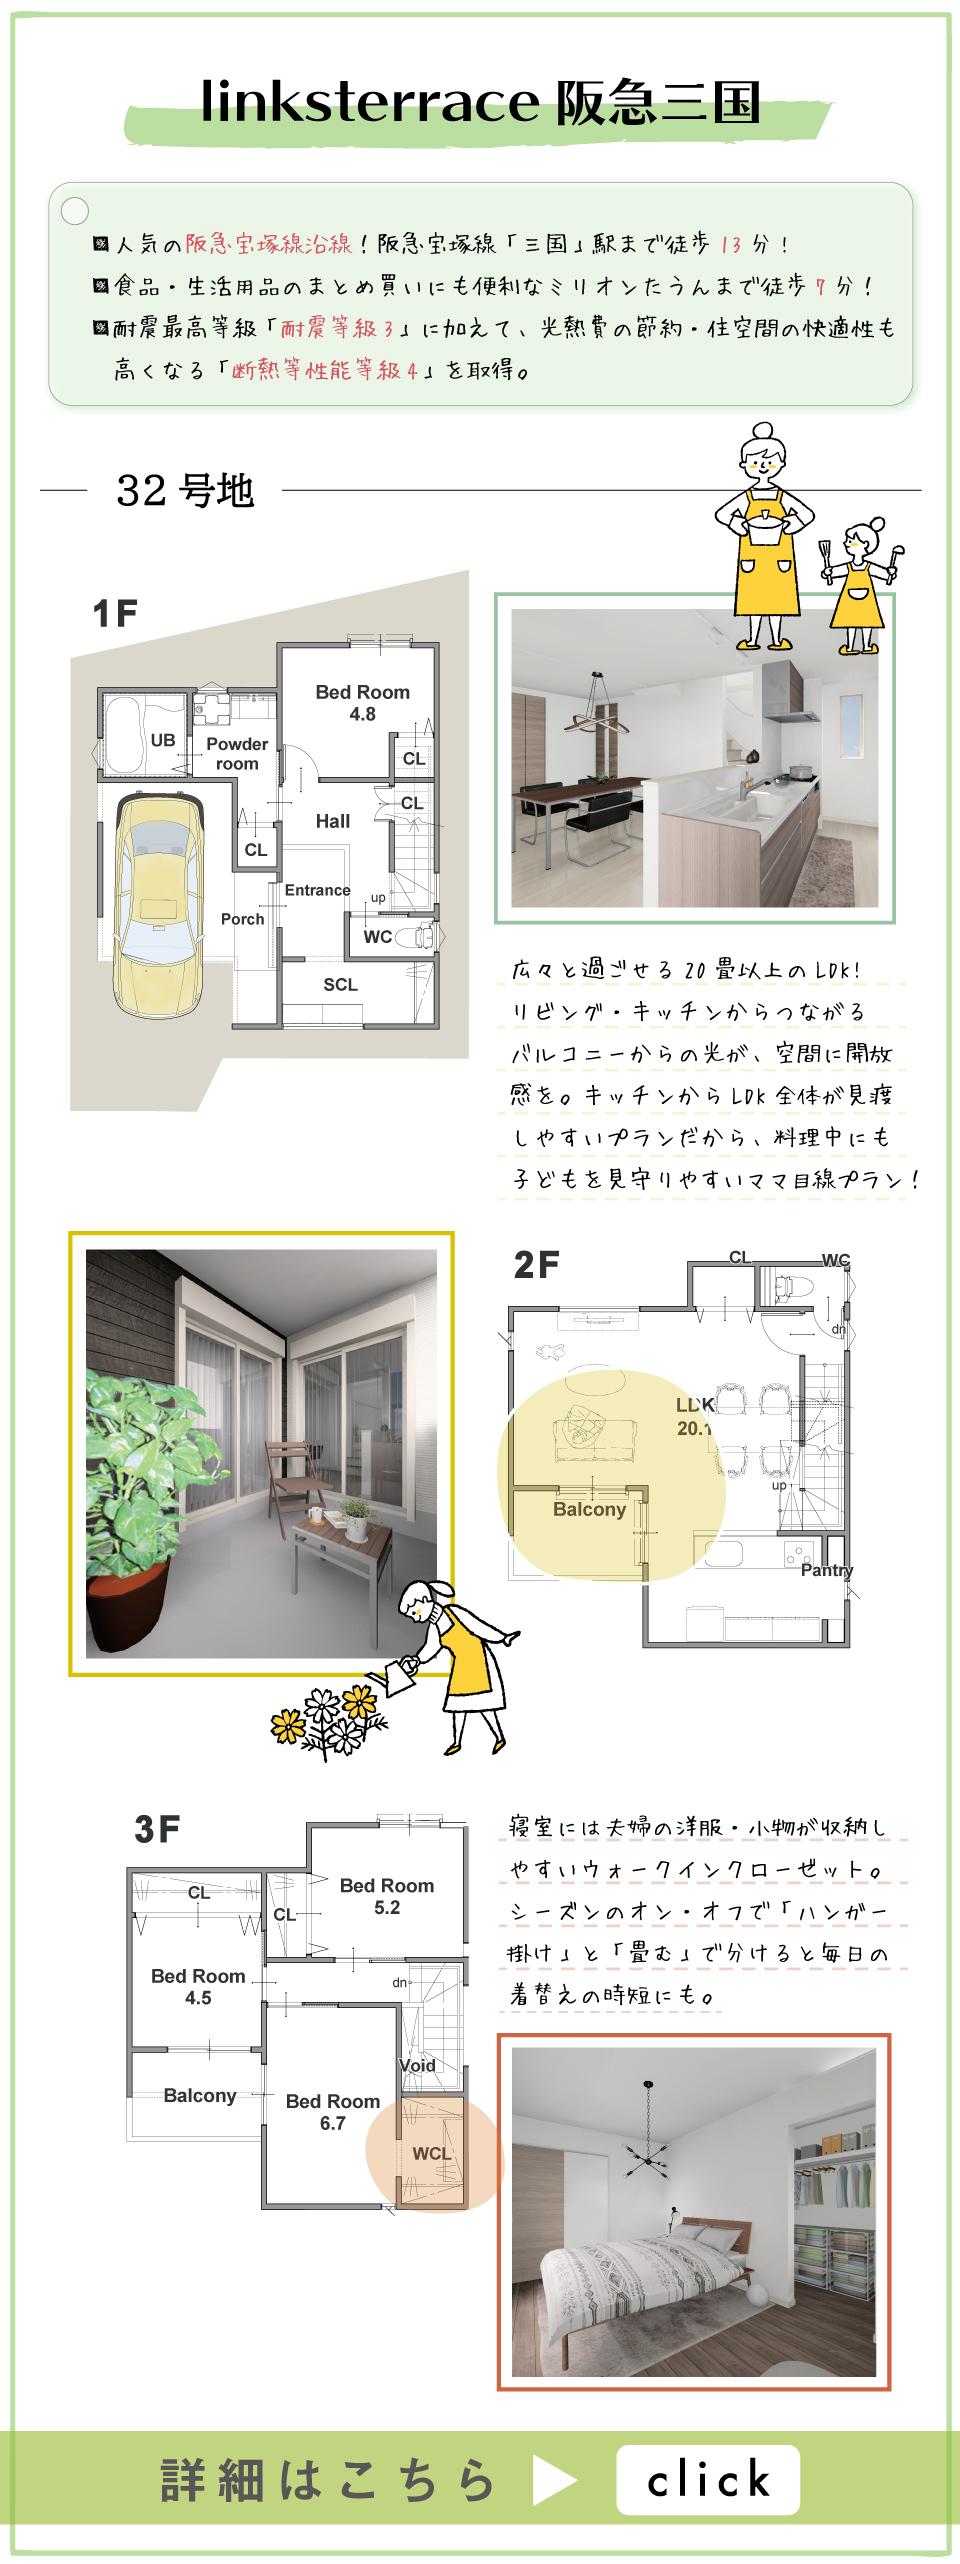 3500万円-linksterrace32.jpg